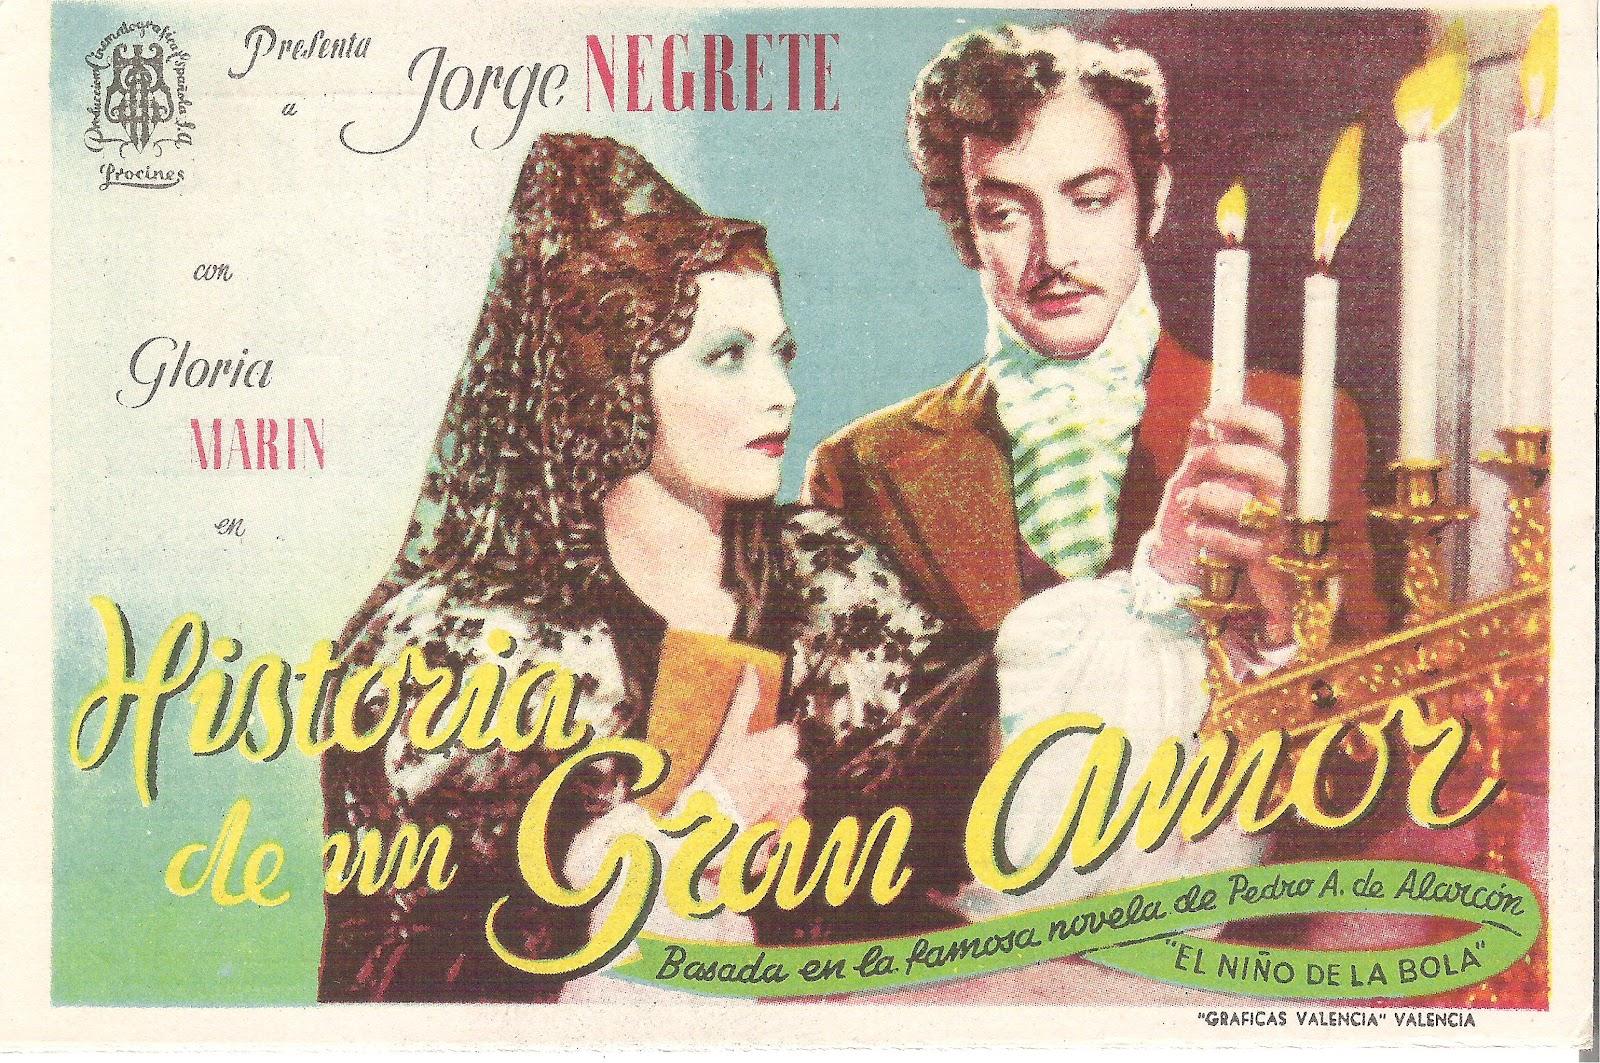 Historia de un gran amor (1942)